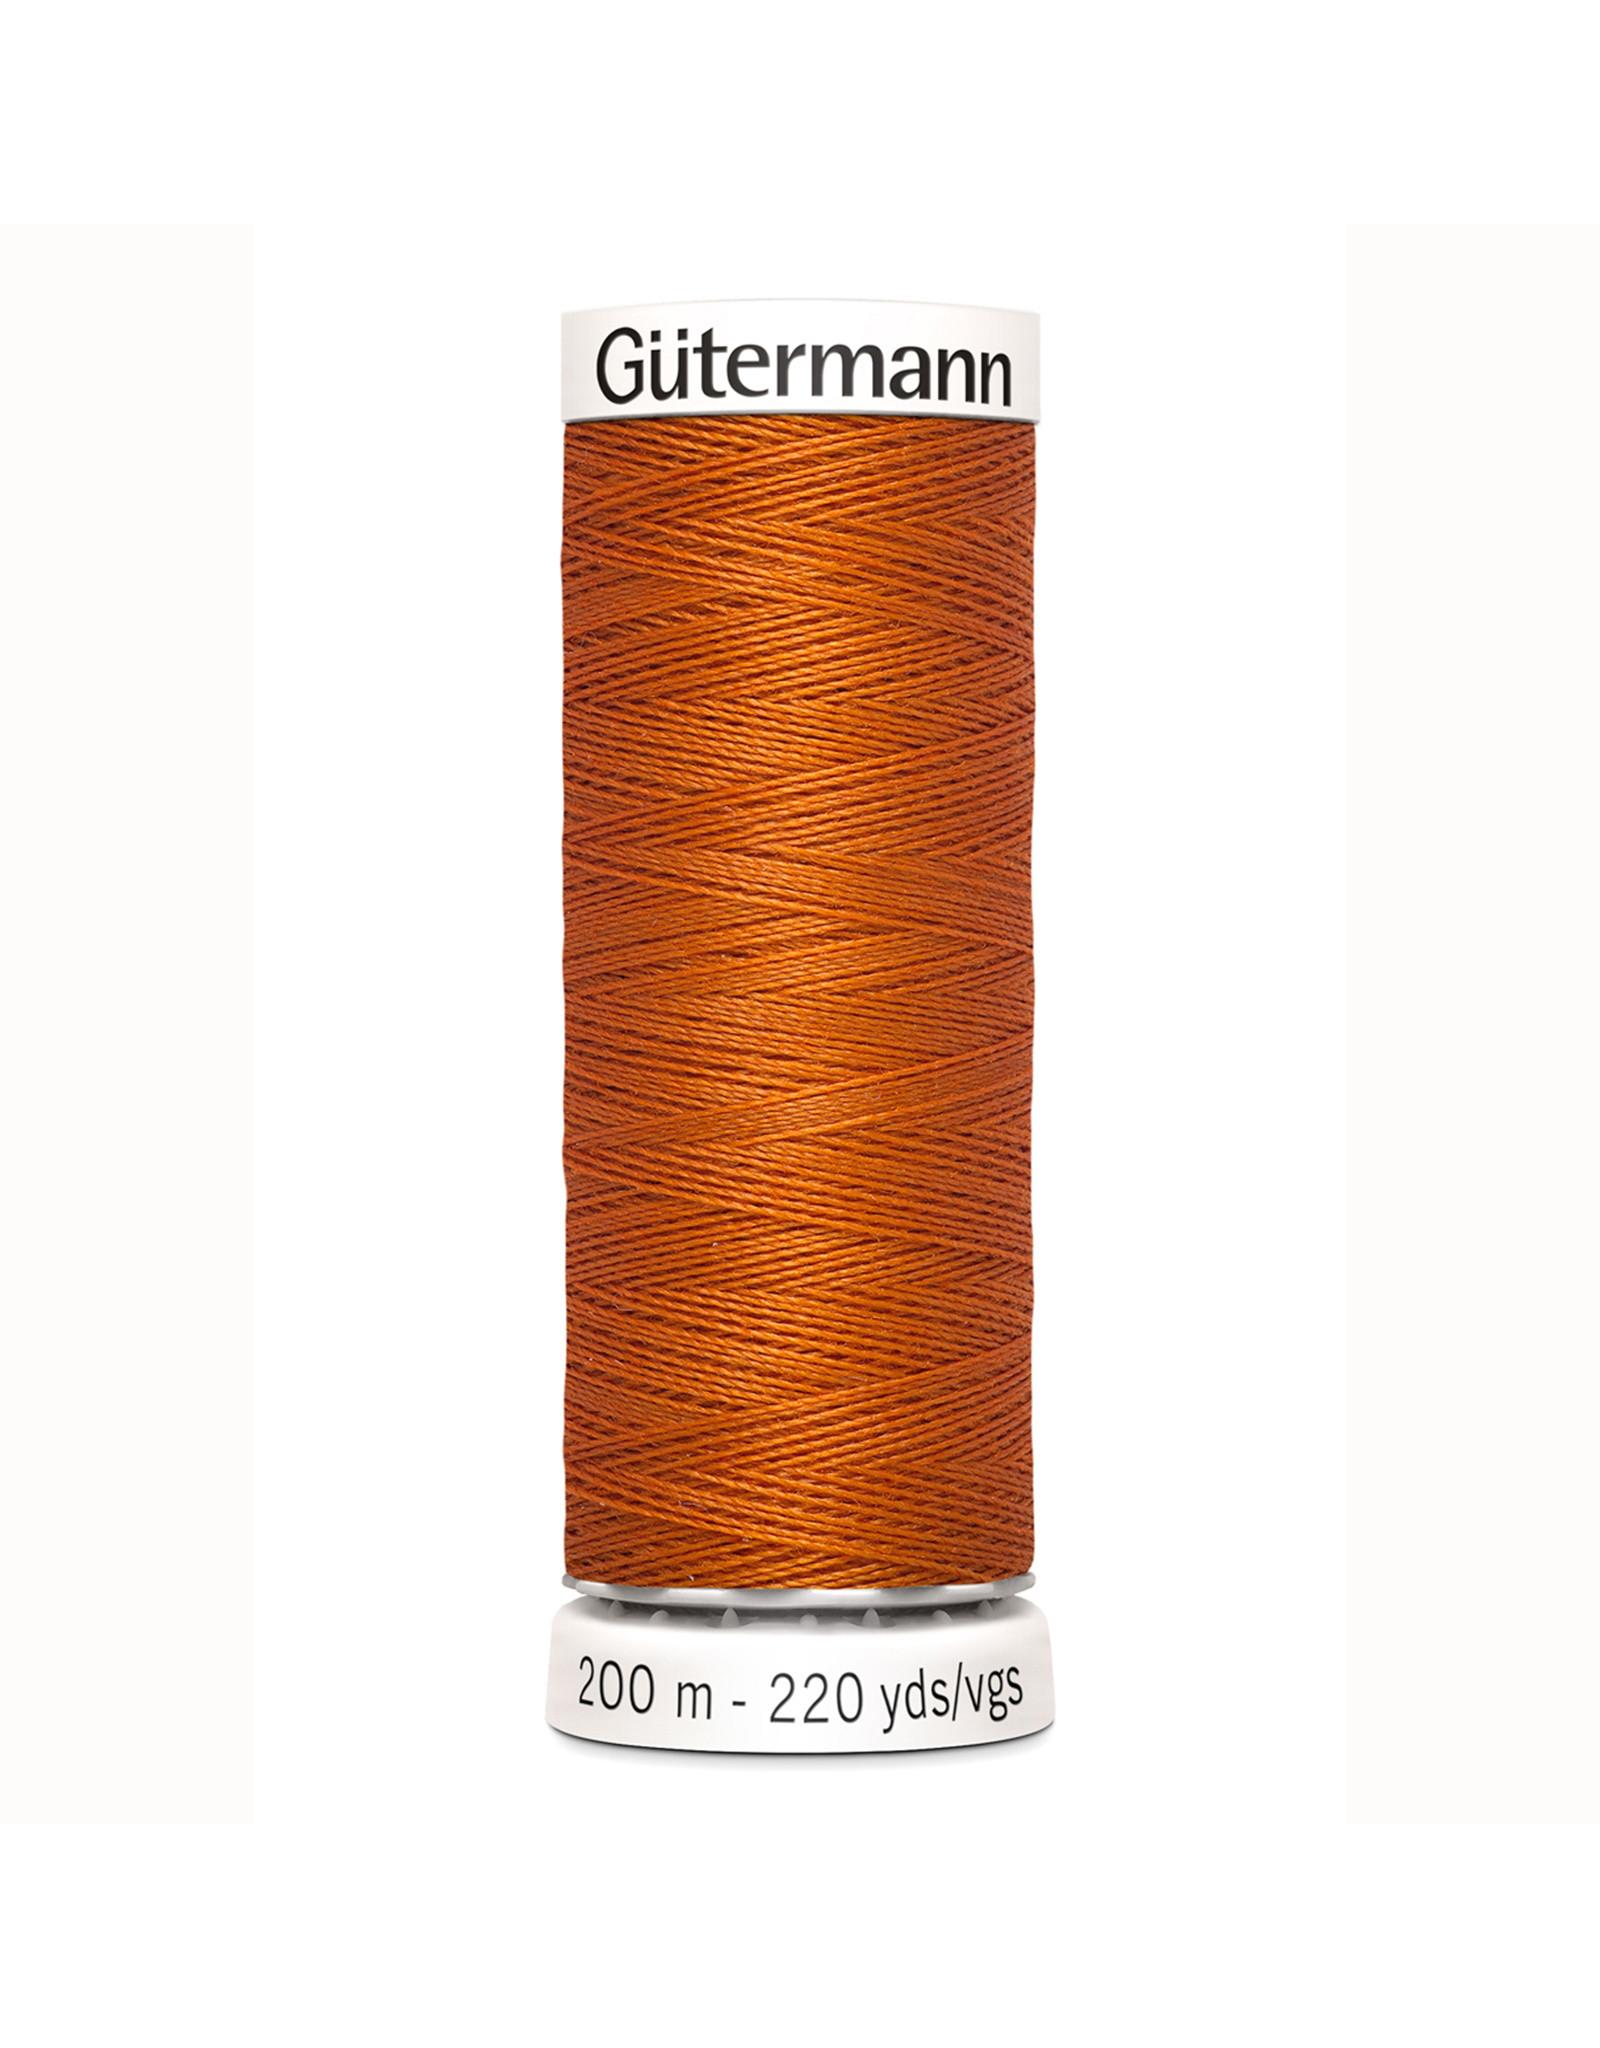 Gütermann Gütermann Sewing Thread 200 m - nr 932